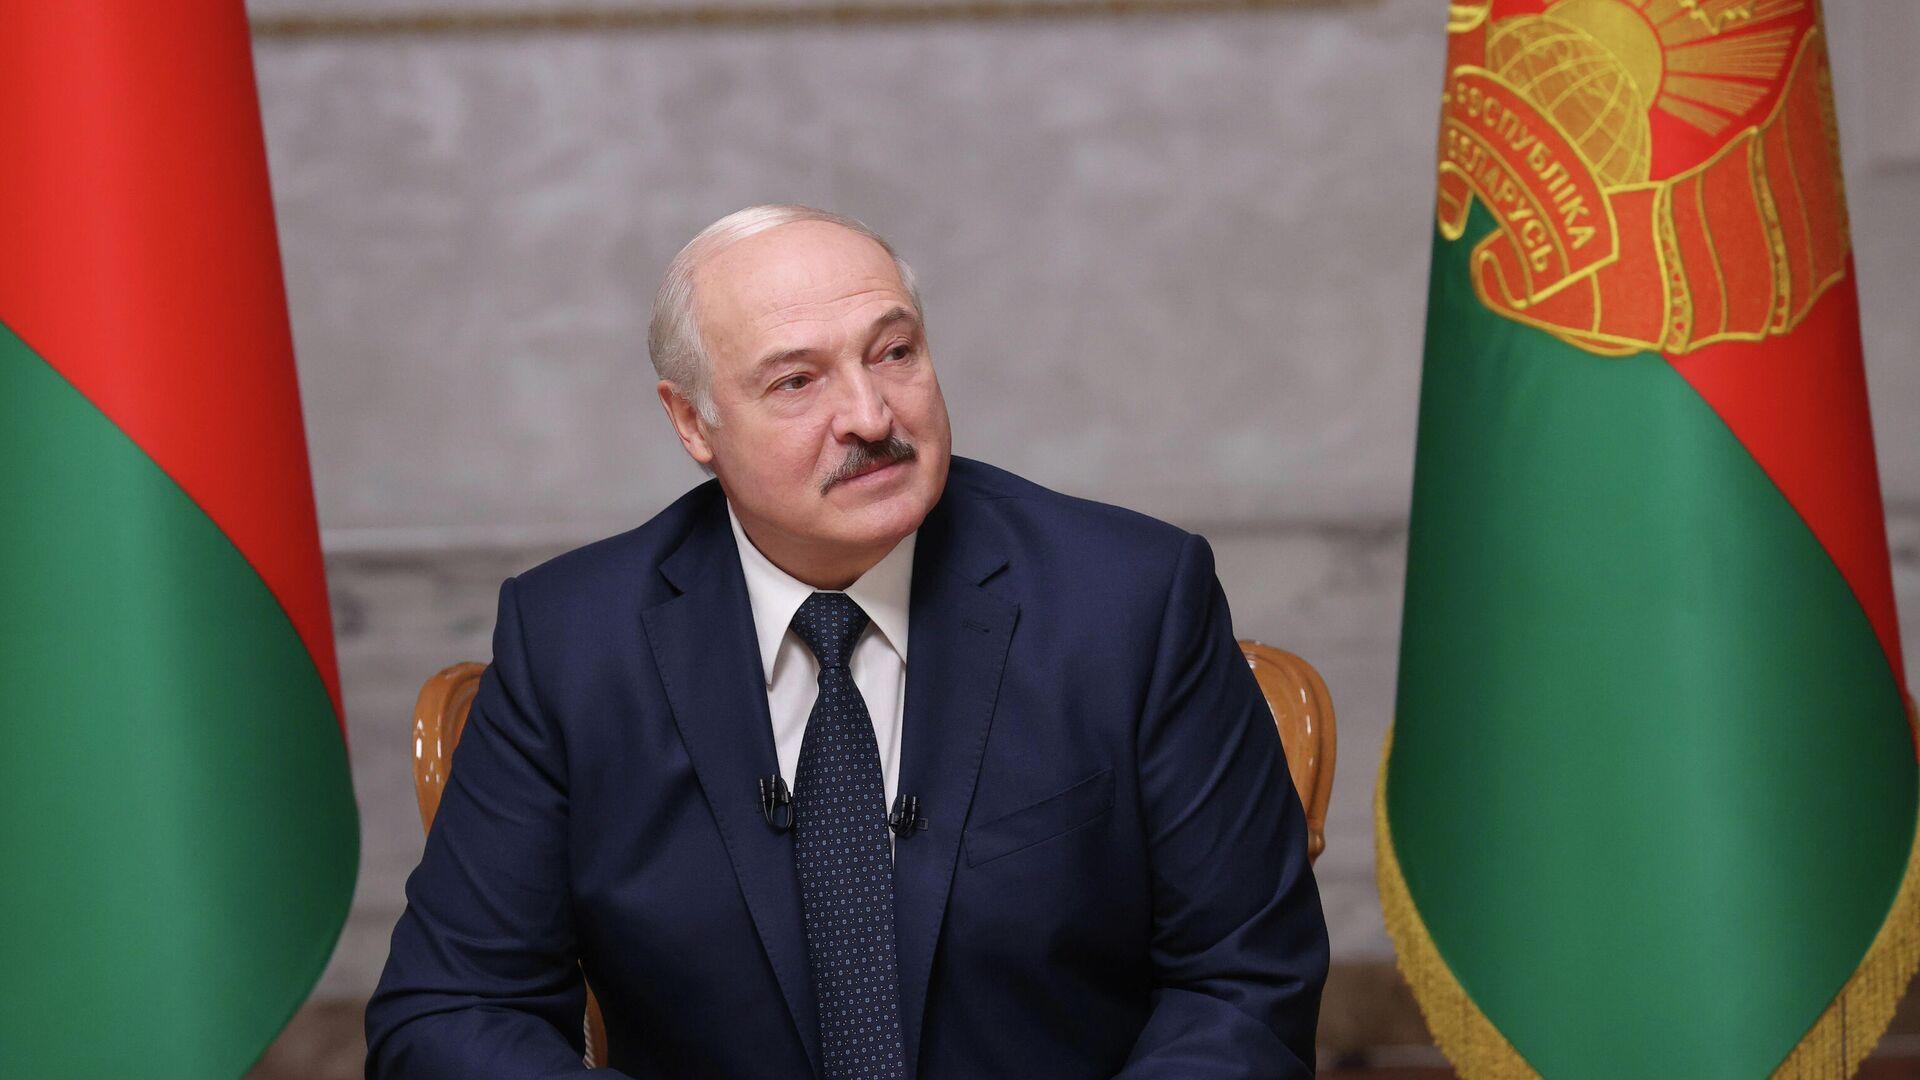 Президент Белоруссии Александр Лукашенко - РИА Новости, 1920, 30.09.2020